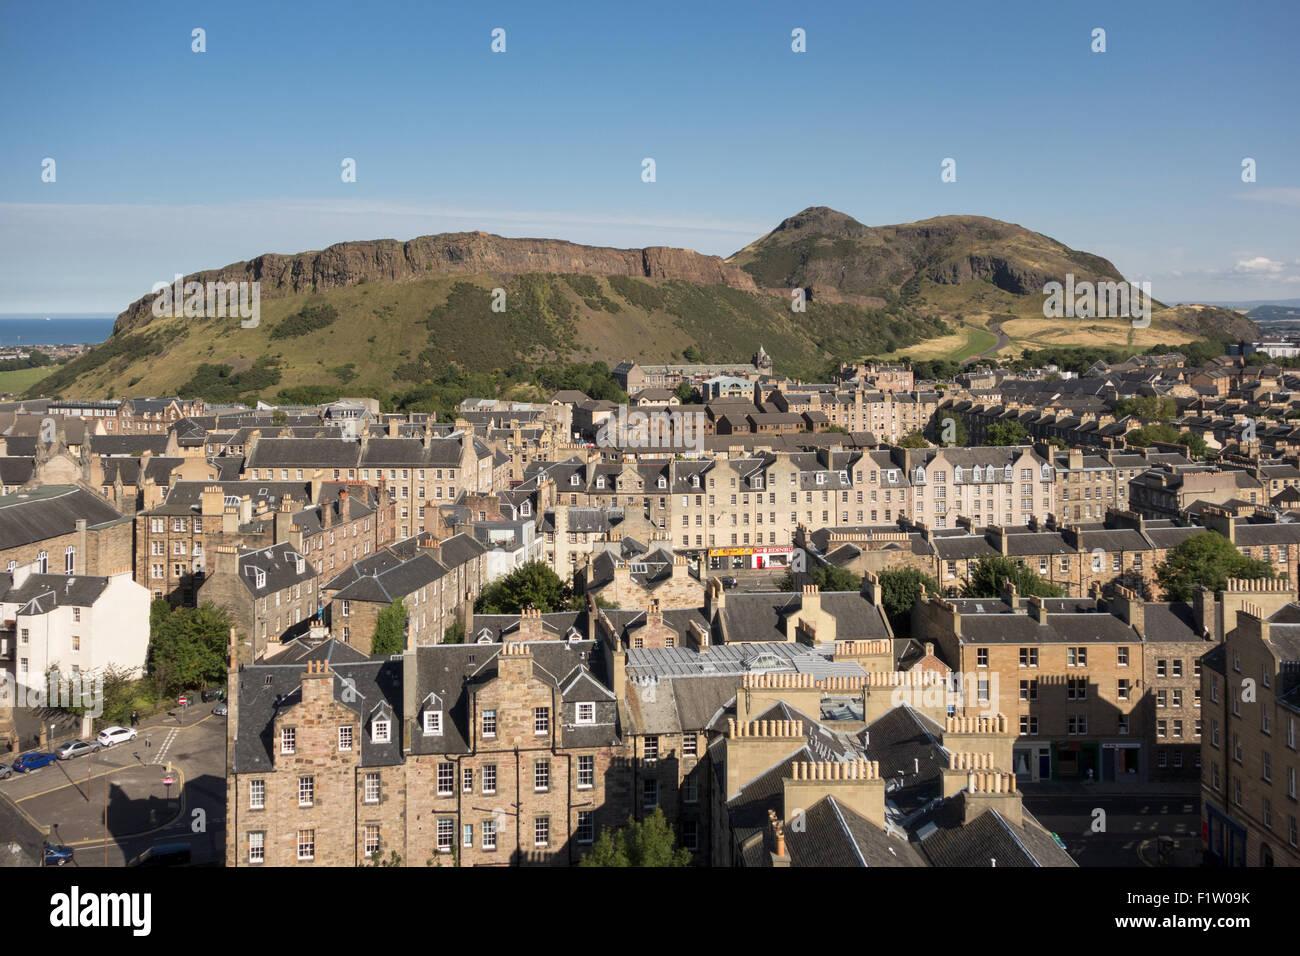 Edimbourg - Arthurs Seat et Salisbury Crags, maisons, immeubles, appartements appartements dans la Vieille Ville Photo Stock